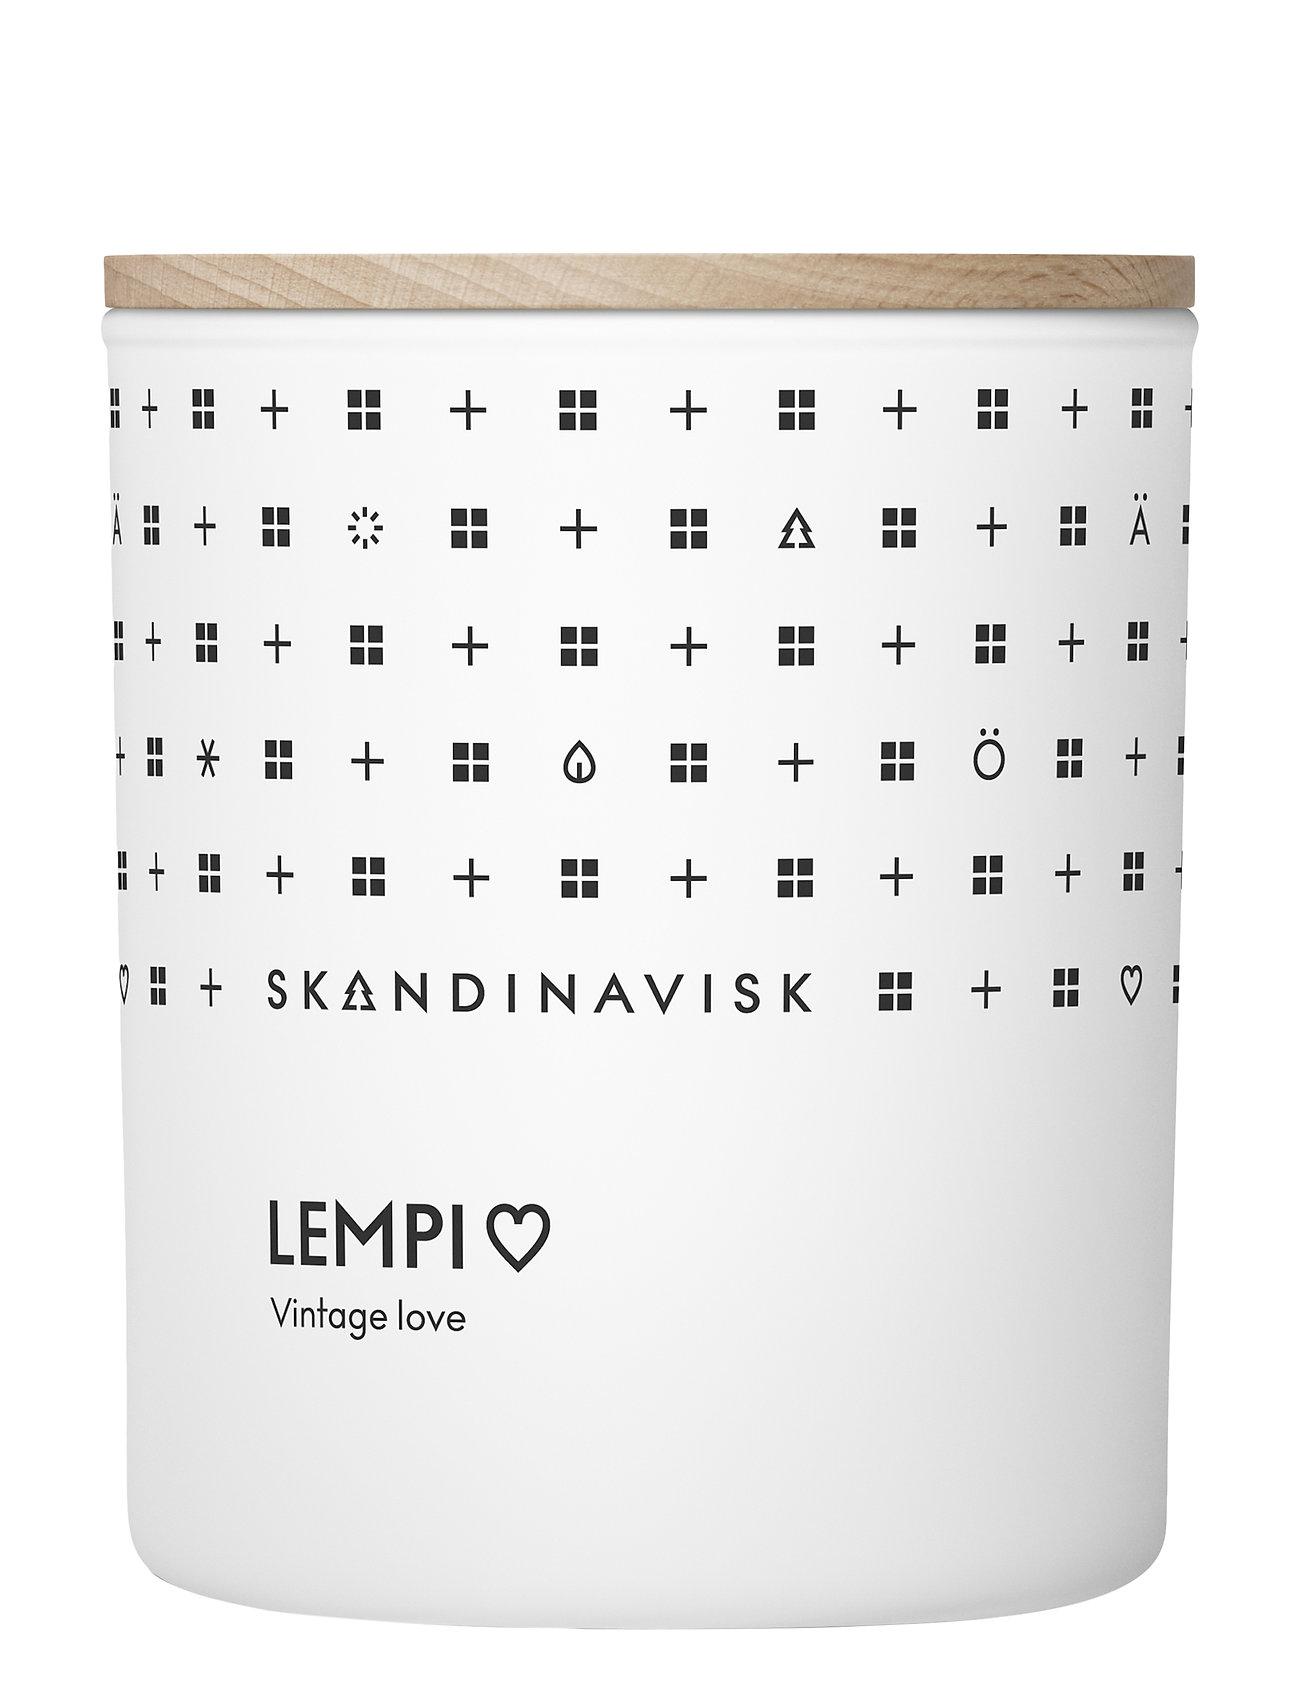 Skandinavisk Lempi Scented Candle With Lid 200g Tuoksukynttilä Nude Skandinavisk